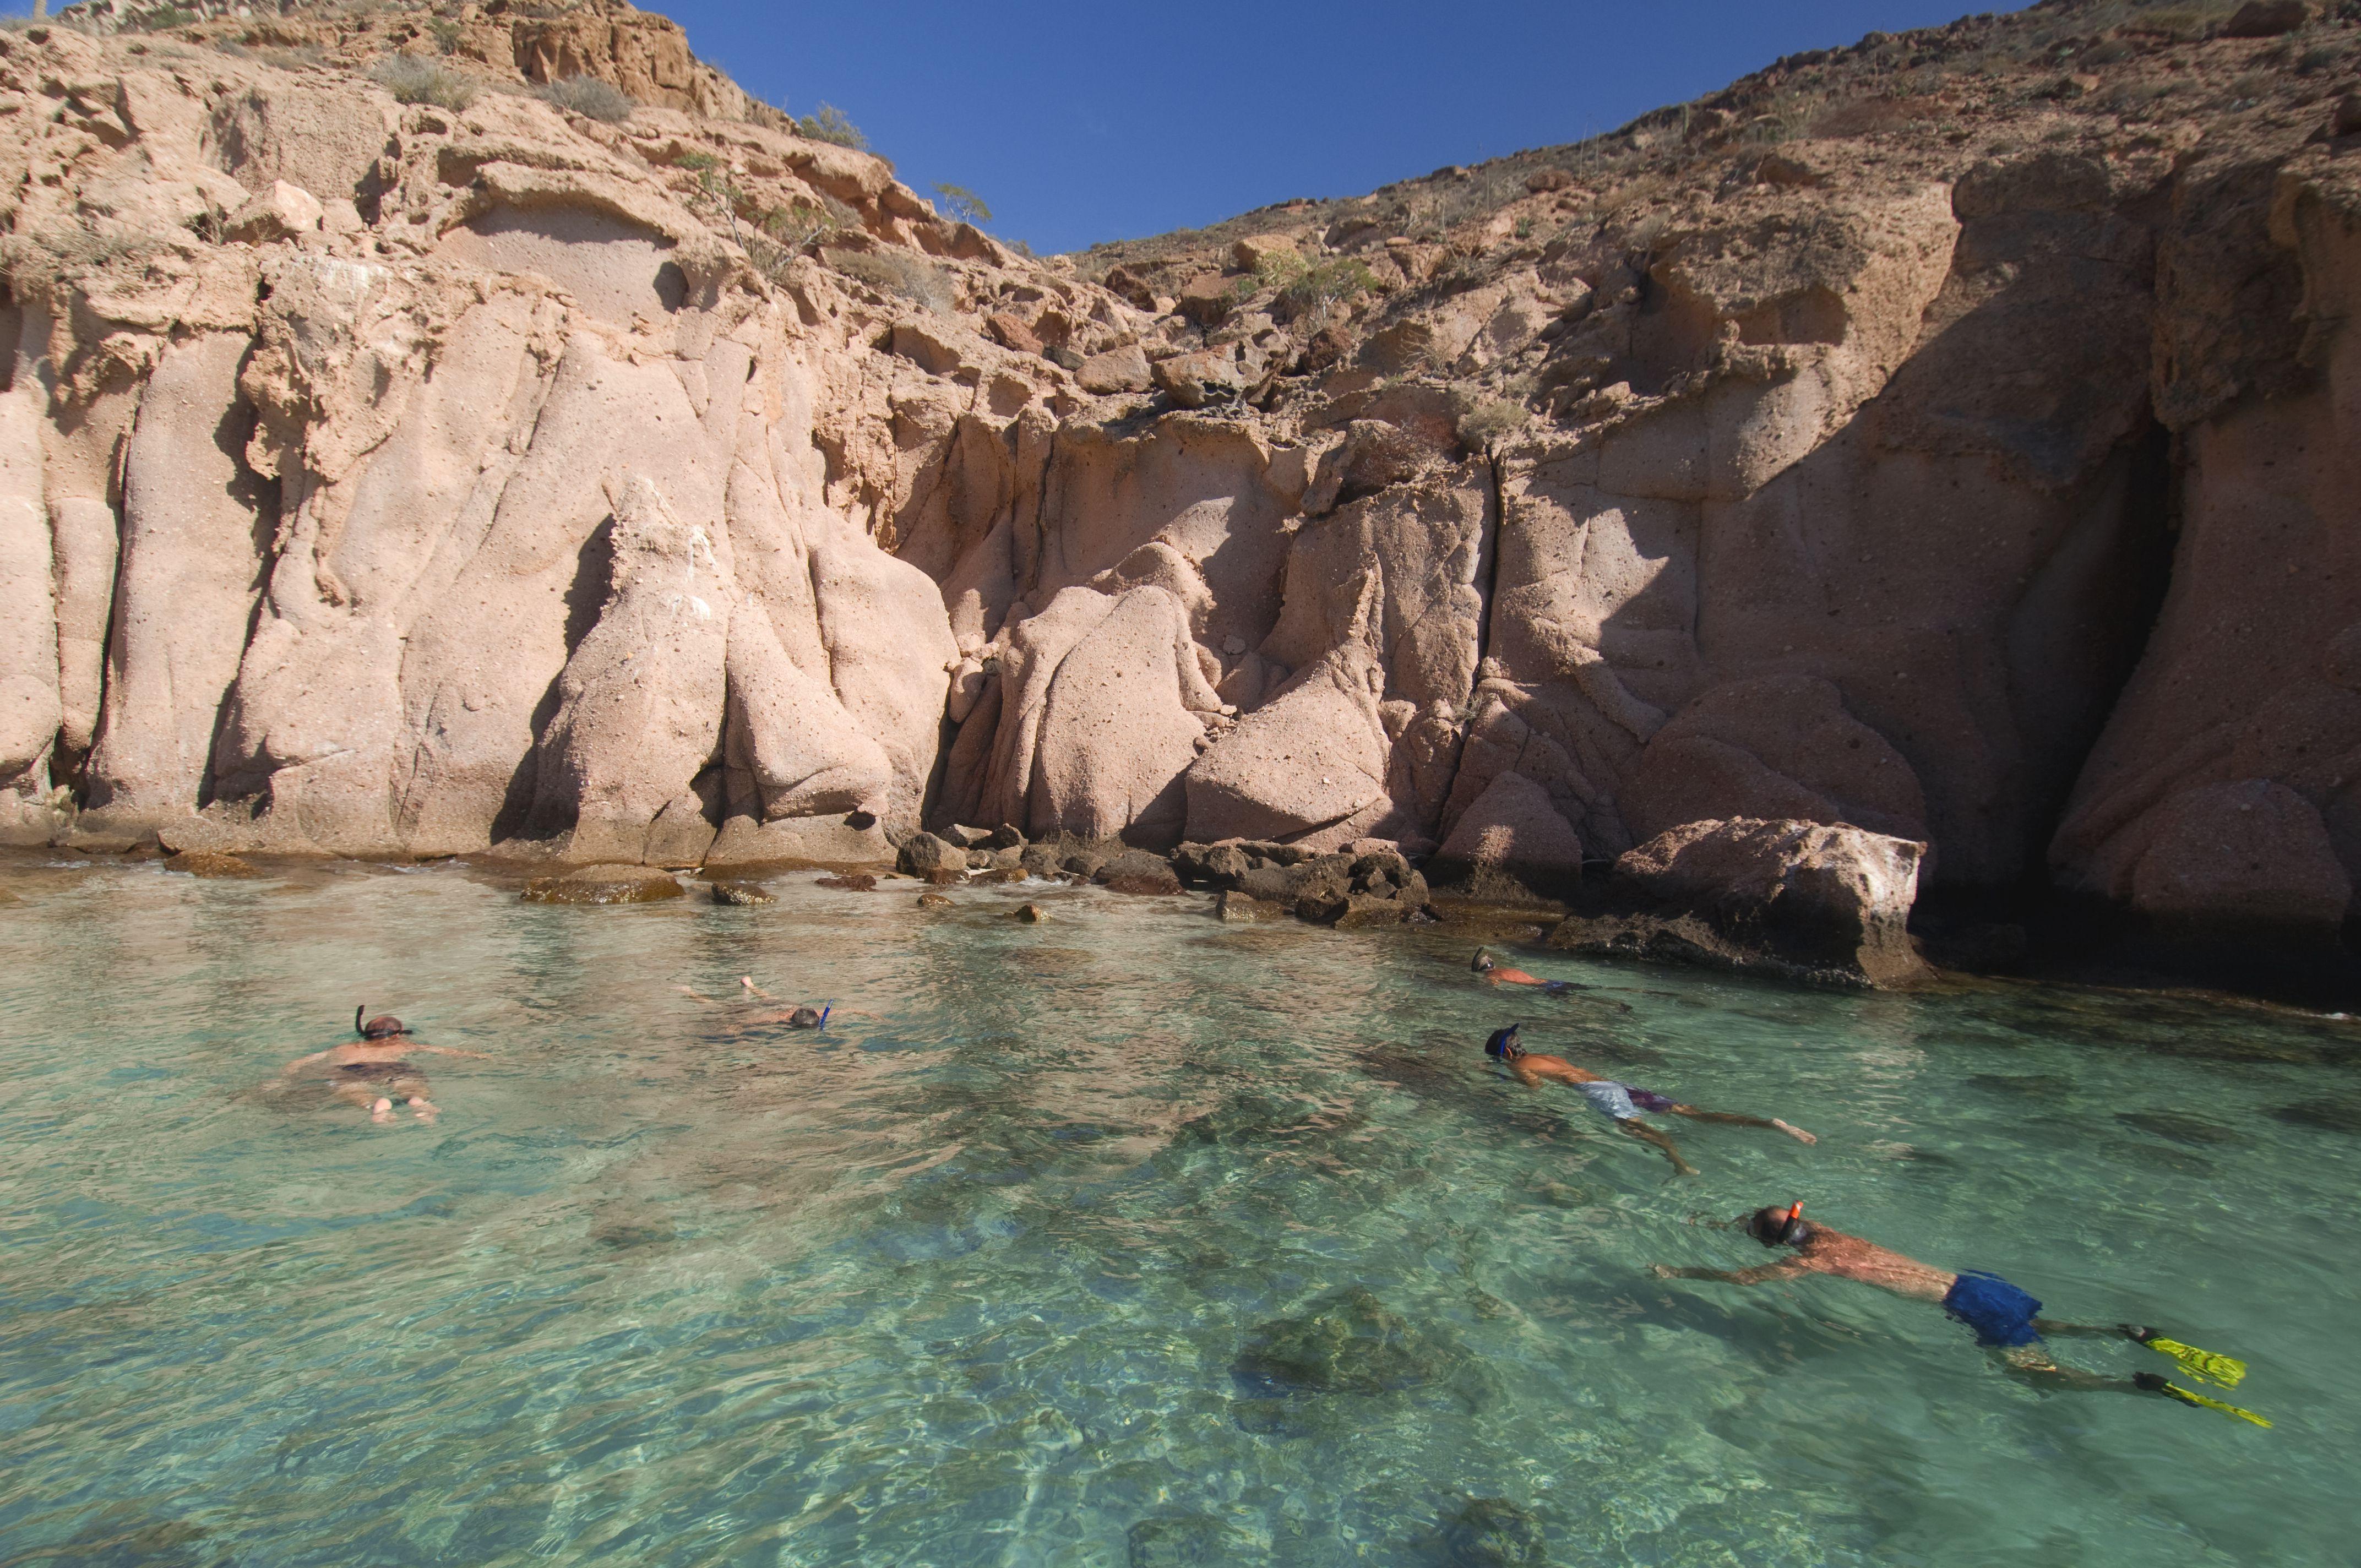 Baja, Sea of Cortez, Baja Calfornia Sur, Mexico